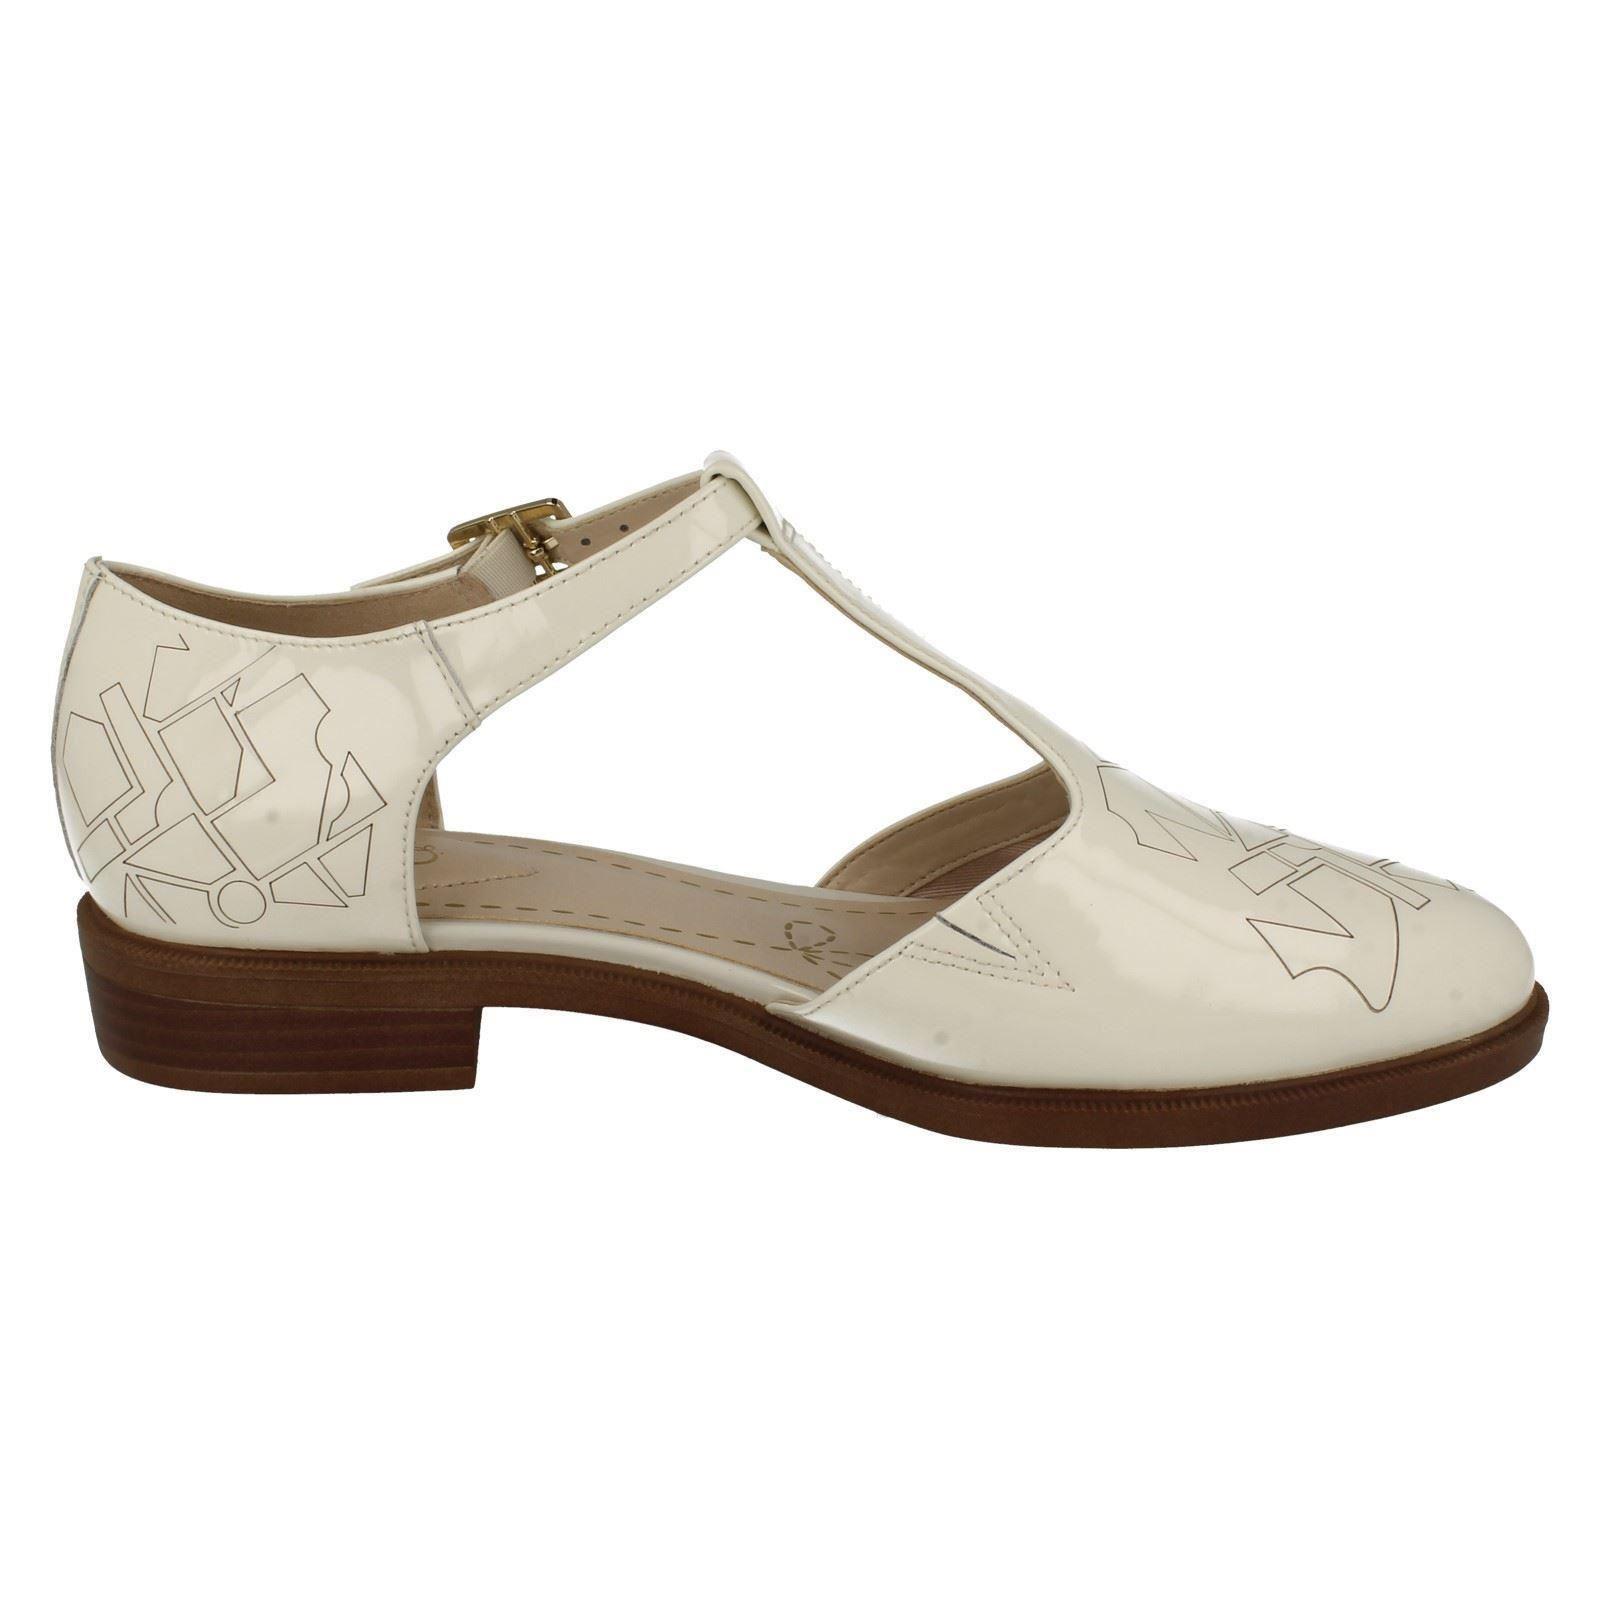 Fashion Clarks blanco T Taylor White Off Ladies Palm bares a5qAndF